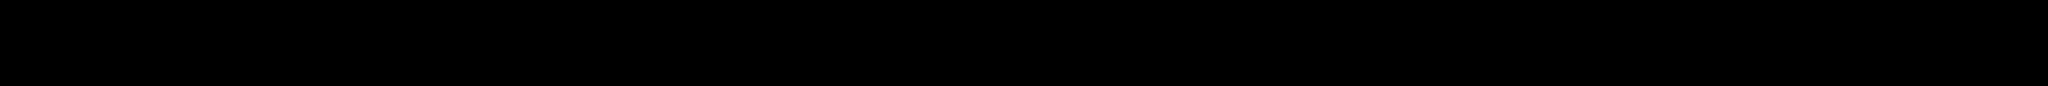 NGK 12 12 7 570 106, 12 12 7 570 106.02, 7 570 106, 7 570 106.02, 5960.L5 Zündkerze